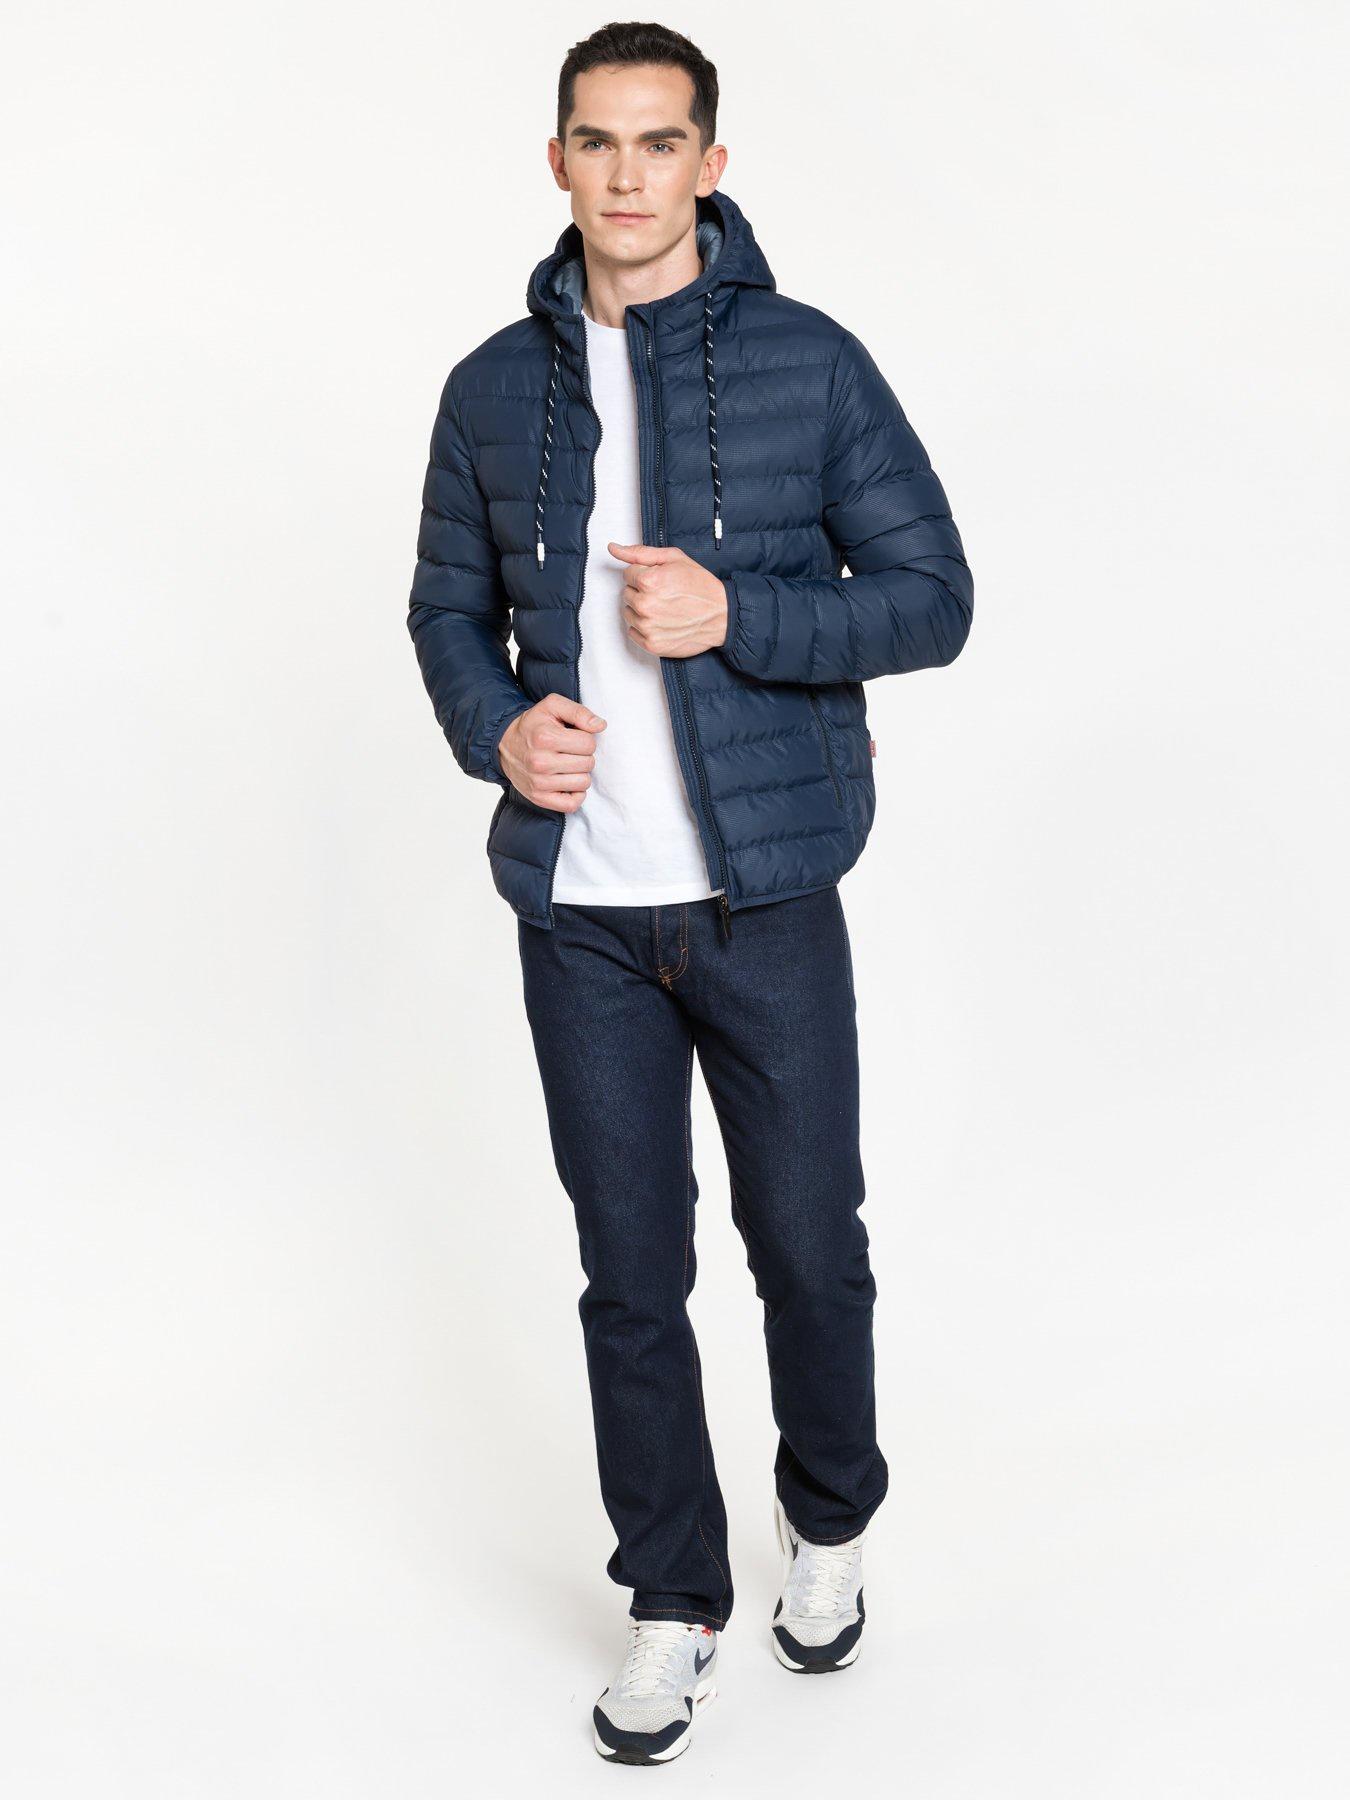 Куртка Amimoda 10206-02-48 синий, 48 размер10206-02-48Мужская стеганая куртка, прямого силуэта. Застегивается на молнию в цвет куртки. По бокам два прорезных кармана, так же застегиваются на молнию. Наполнитель 100% холлофайбер. Куртка подойдет для теплой зимы. Воздухо и водо не проницаемая. Хорошо удерживает тепло. Длина по спинке 65-70 см в зависимости от размера. Длина рукава 68 см.